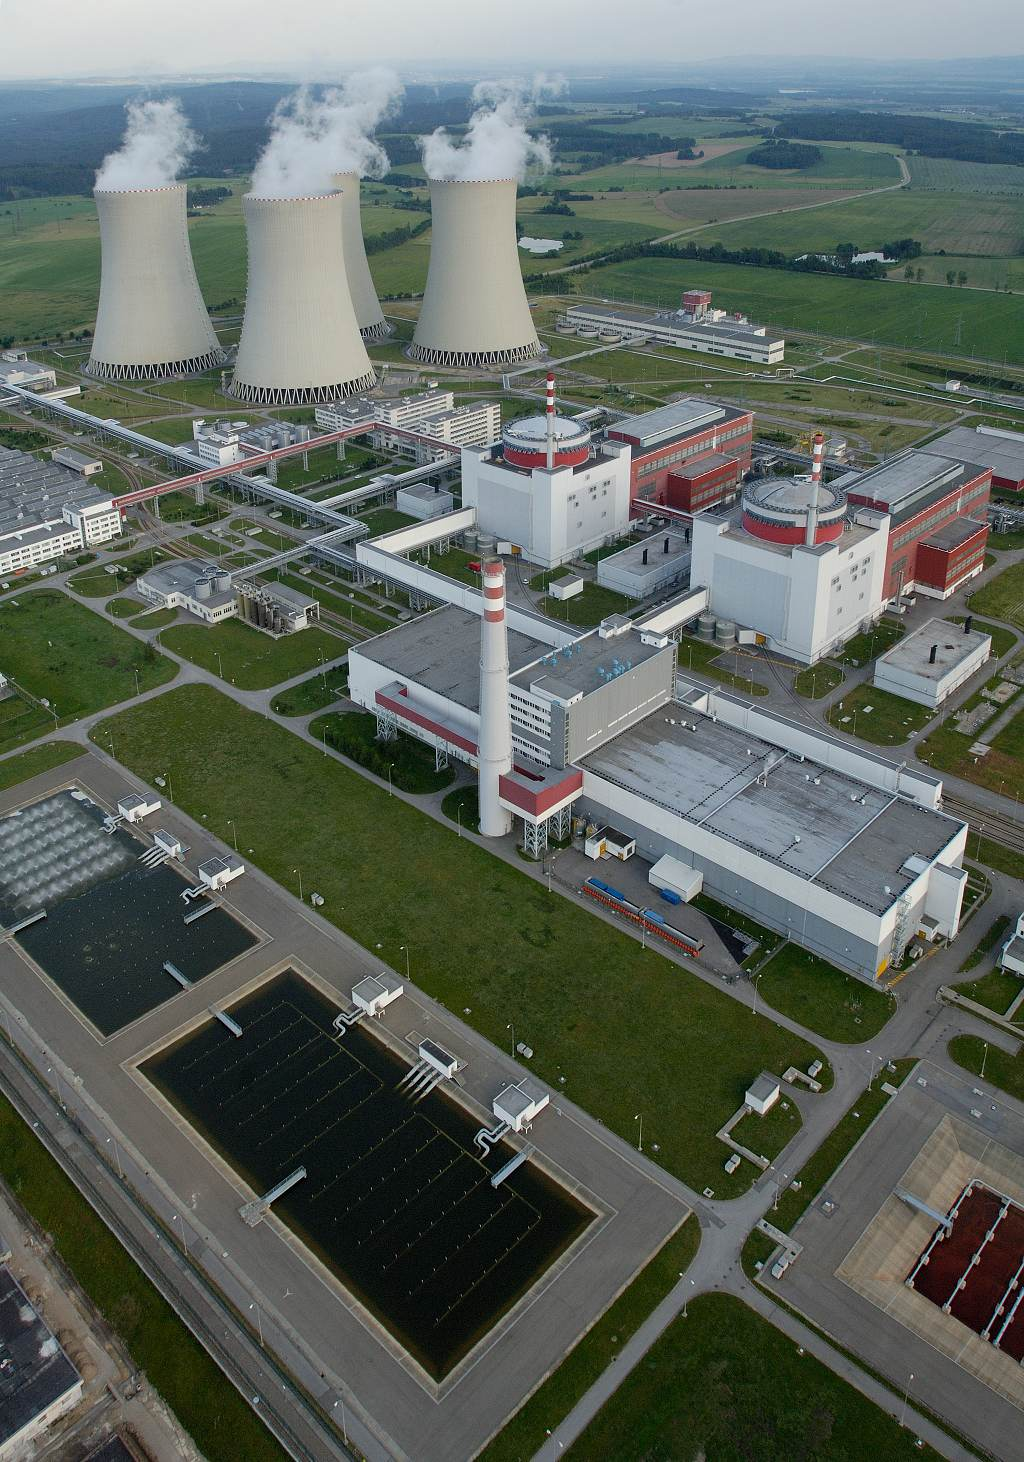 jaderná energie - Dubnové teploty kolem nuly Temelínu svědčí - V Česku (19 1024) 2